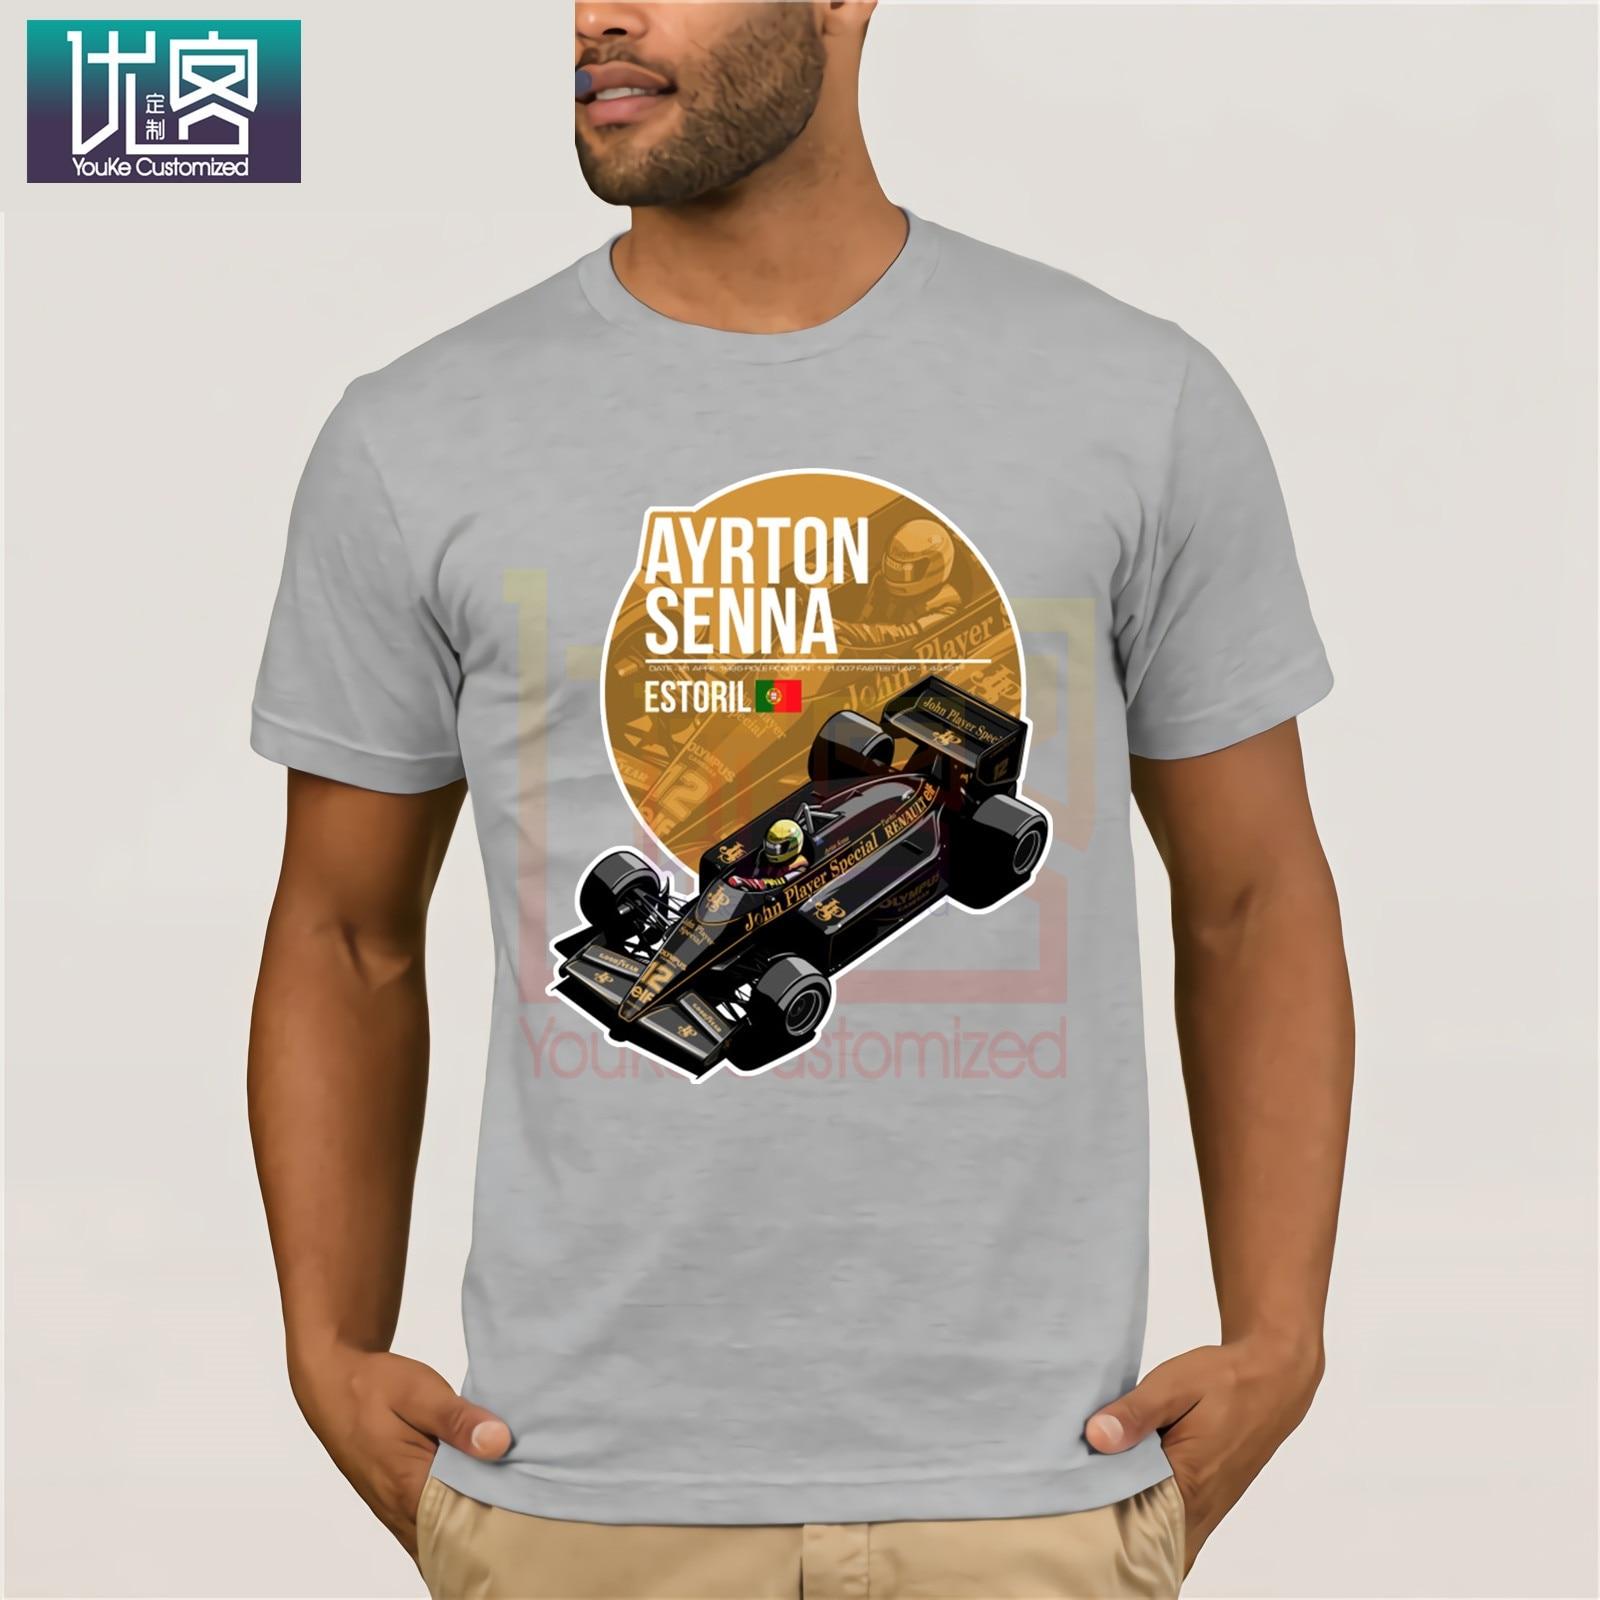 ayrton-font-b-senna-b-font-1985-estoril-t-shirt-deciren-via-clothes-popular-t-shirt-crewneck-100-cotton-tees-cotton-tee-shirt-present